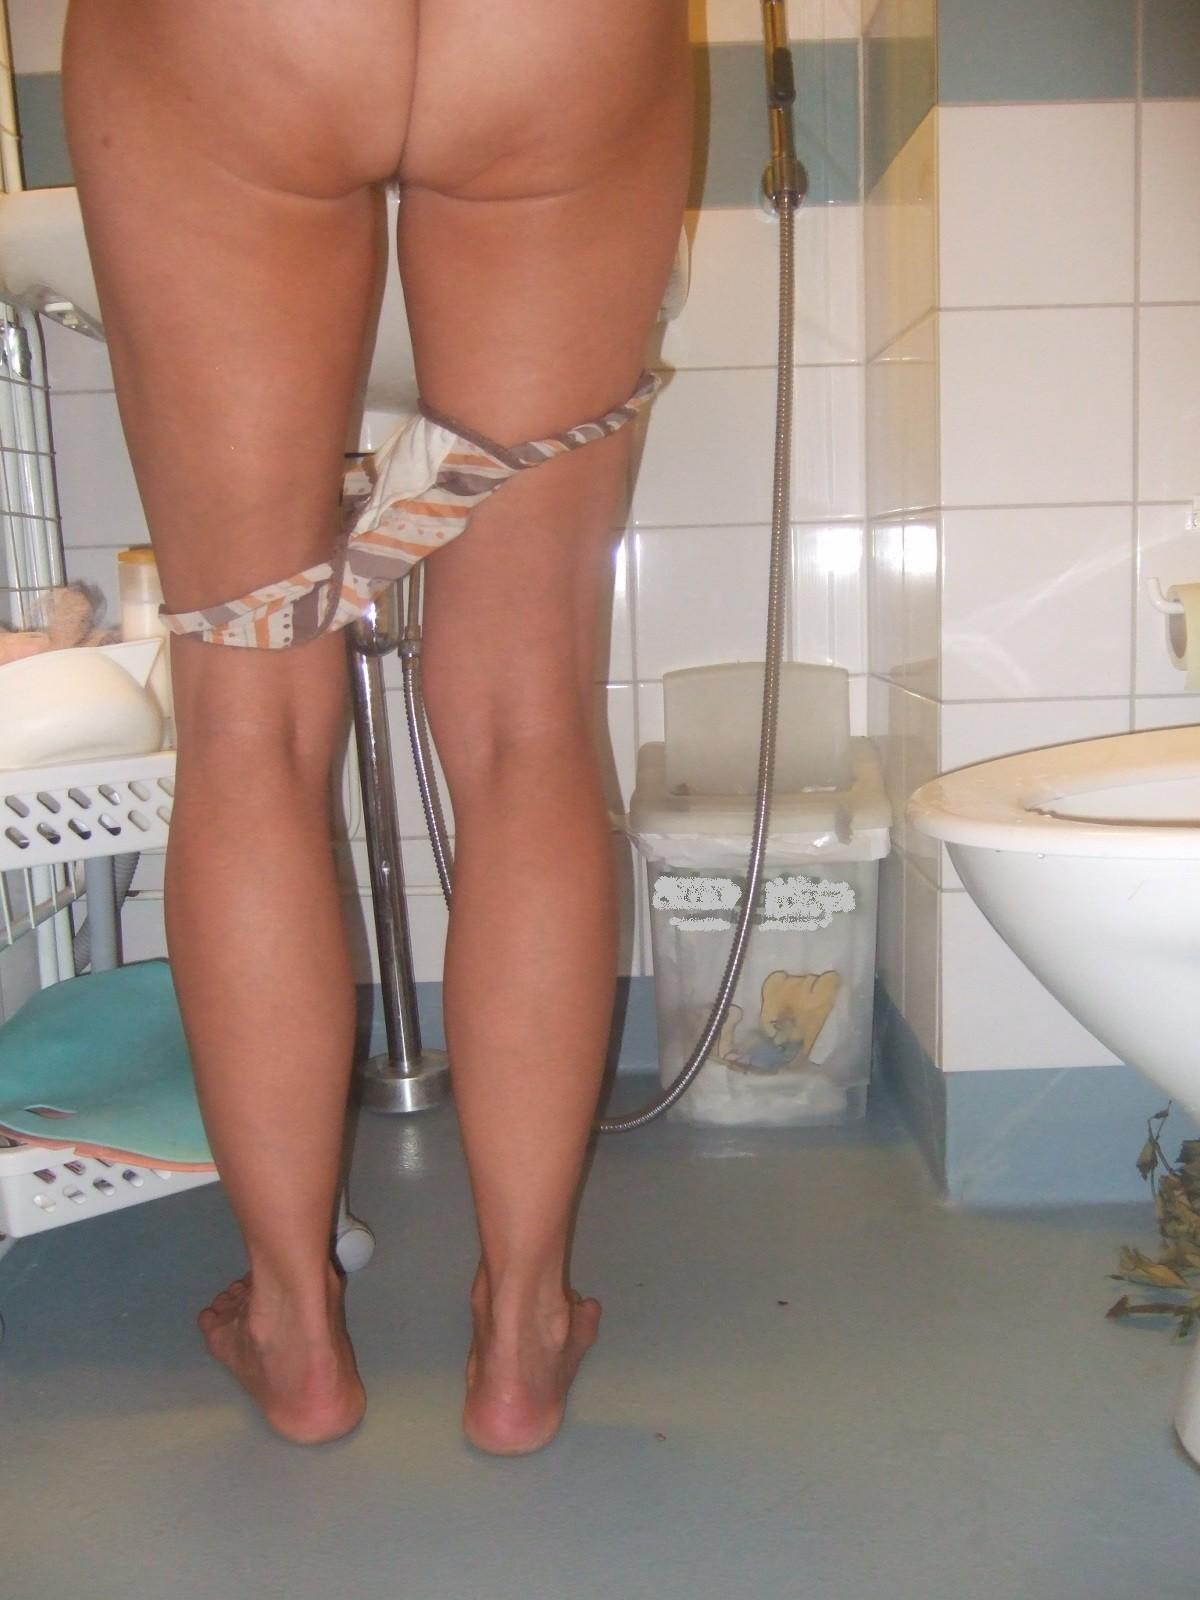 Некоторым понравятся домашние фотографии женщины, которая не стесняется своих прелестей